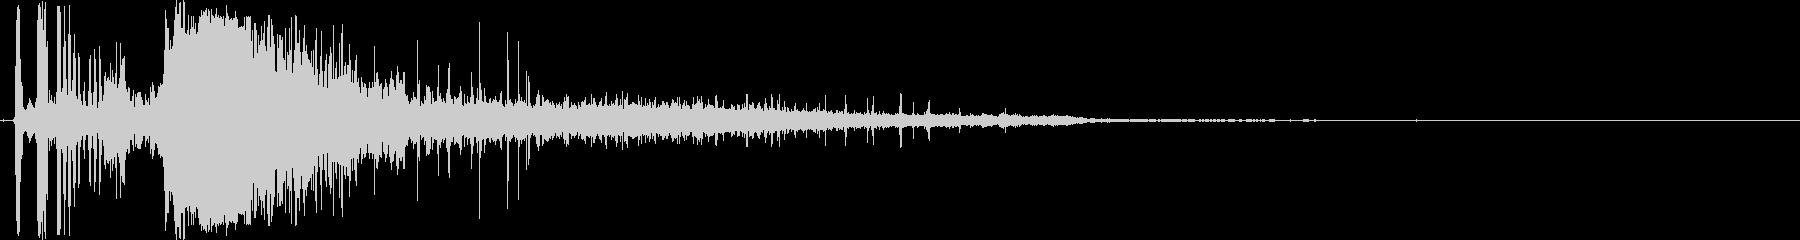 【SFX】 トランスフォーム_01の未再生の波形